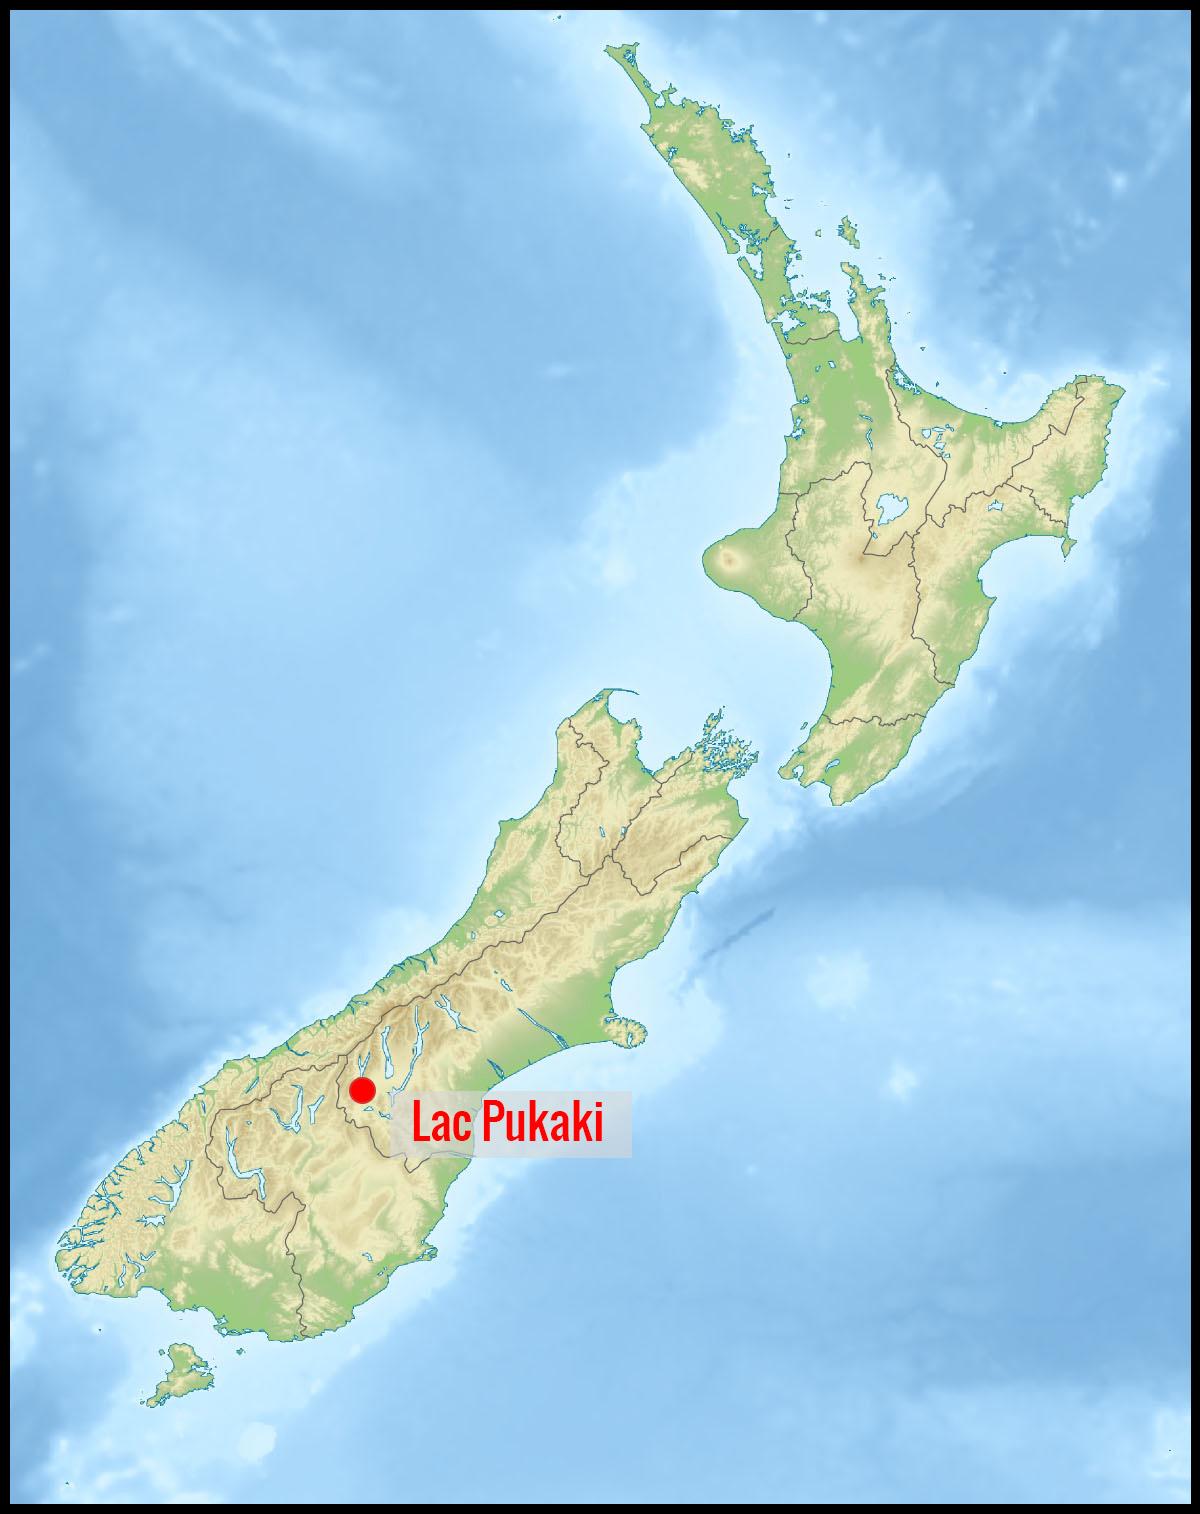 Carte lac Pukaki en Nouvelle-Zélande